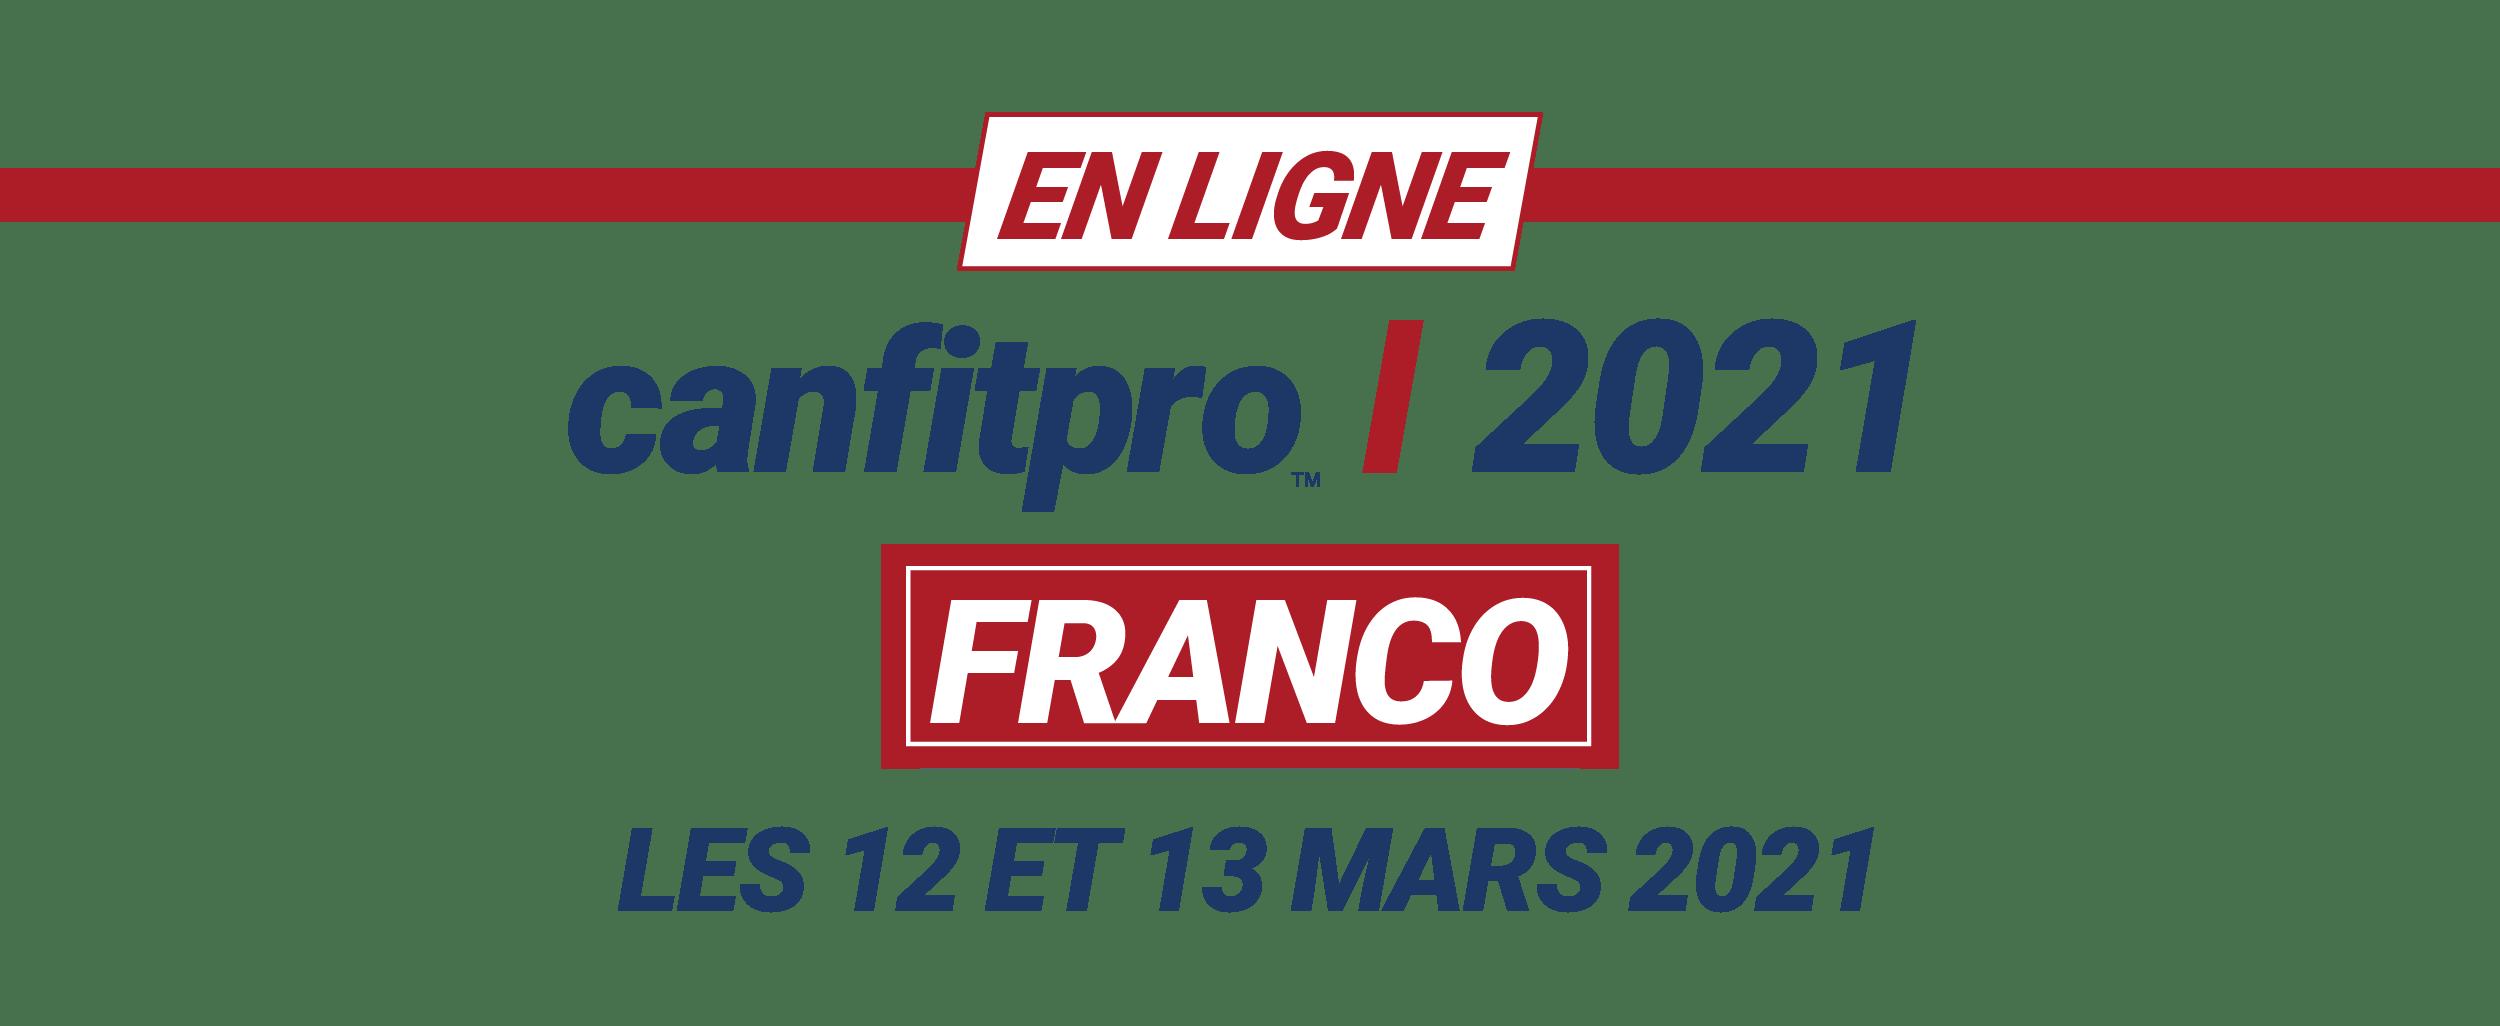 canfitpro 2021 online: franco logo